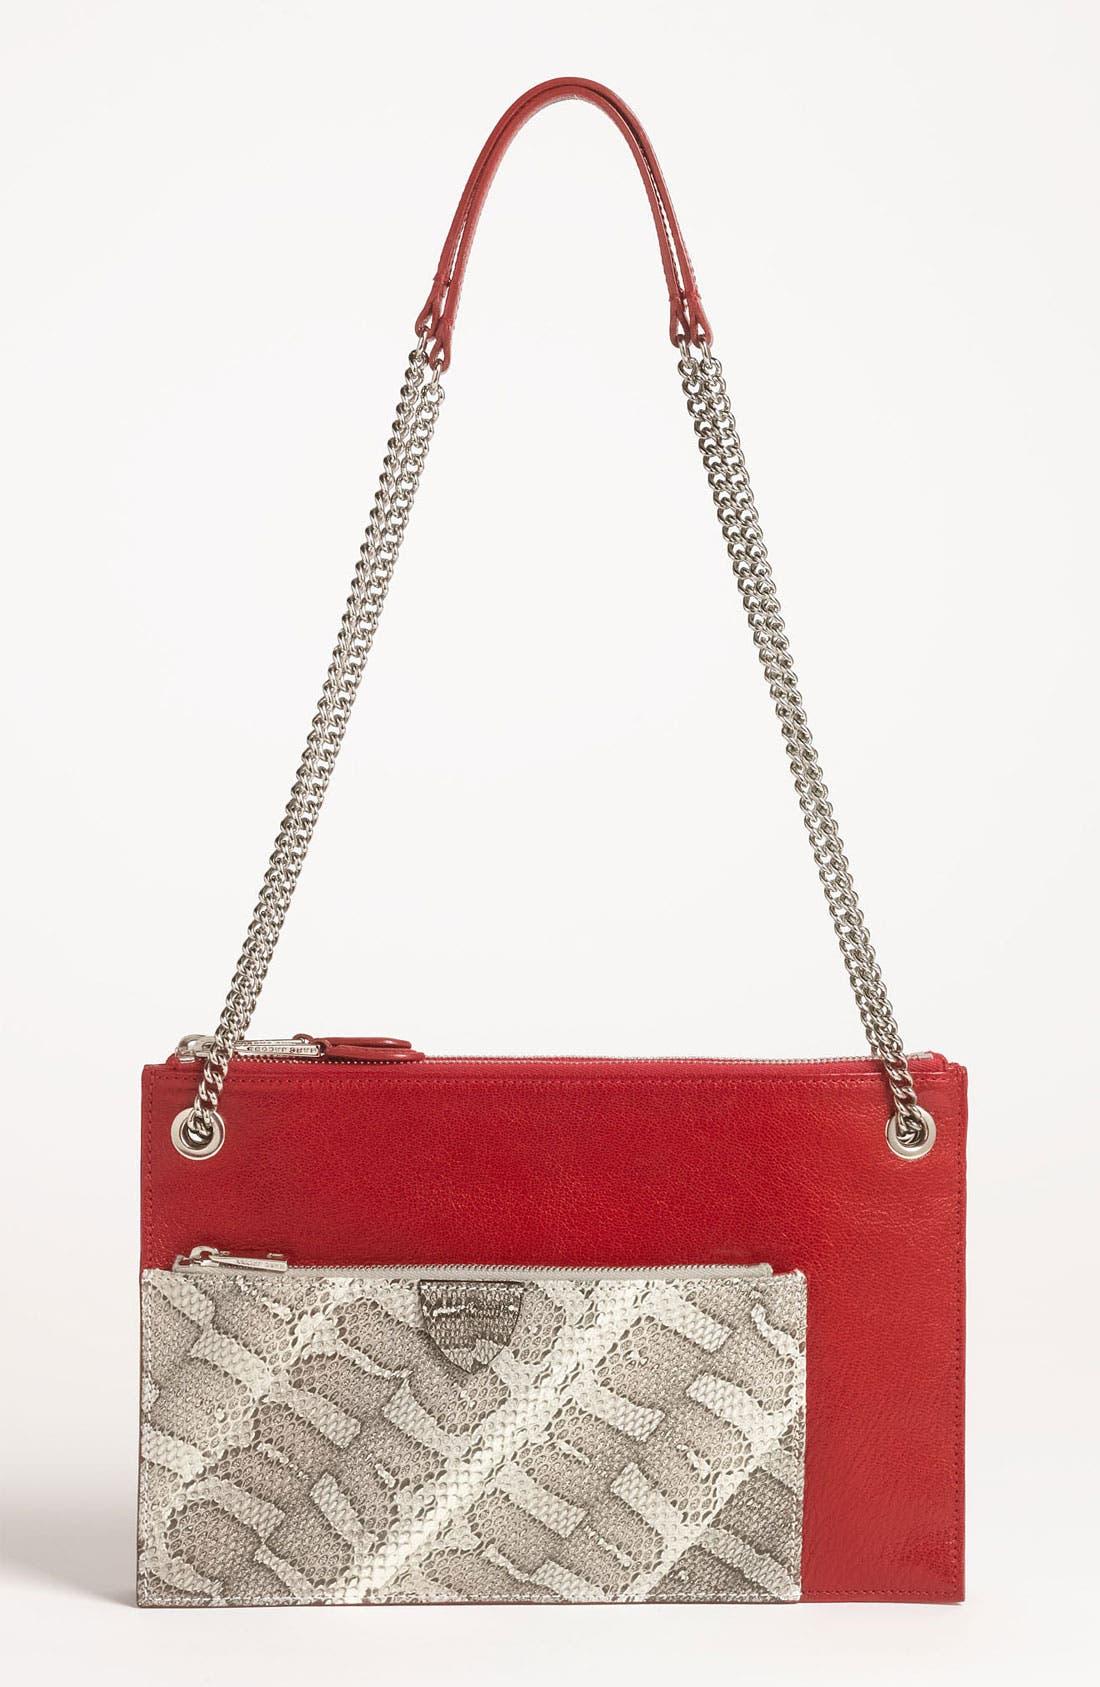 Main Image - MARC JACOBS 'Doll' Leather Shoulder Bag